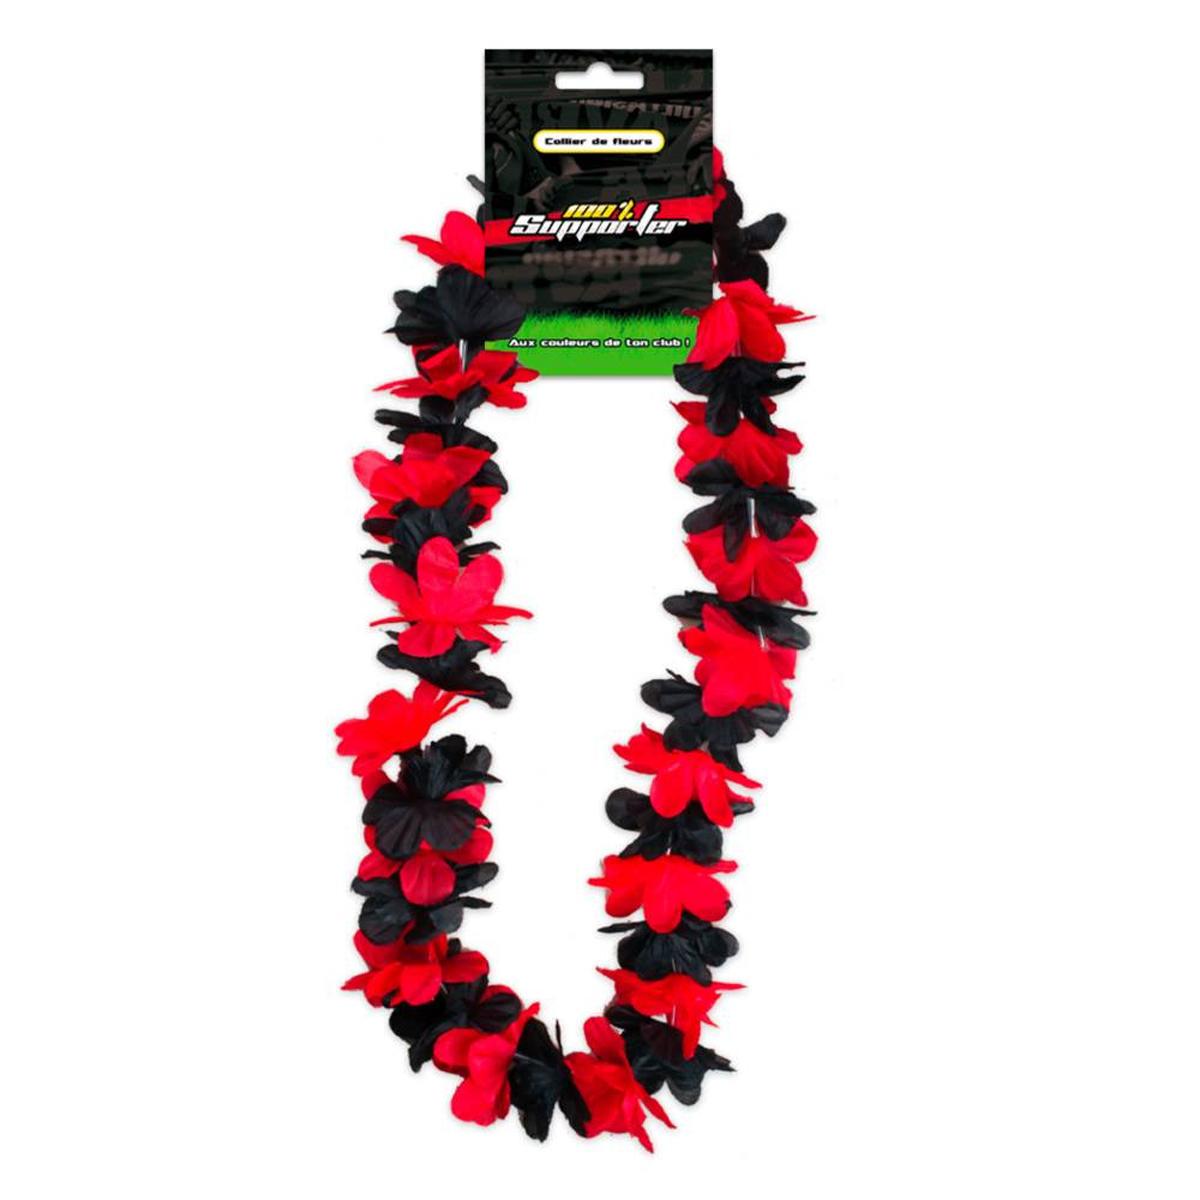 Collier de fleurs \'Coloriage\' rouge noir (supporter) - 50 cm - [Q7174]